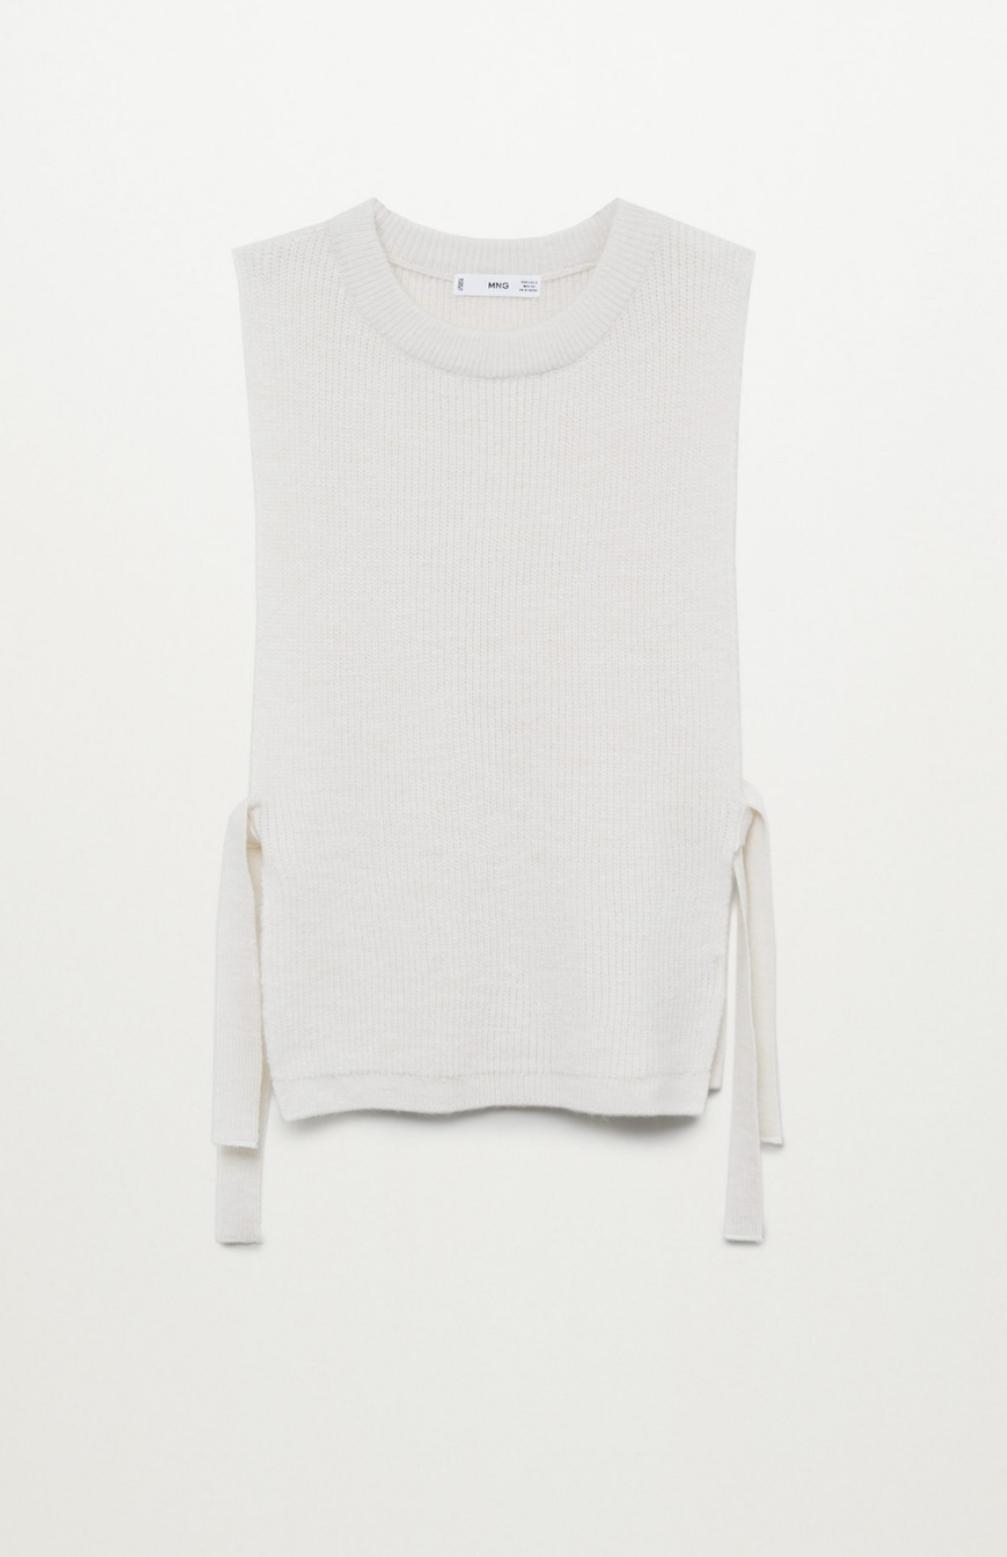 Chaleco de punto fino de cuello redondo y aberturas laterales con lazos ajustables, de Mango (25'99€)